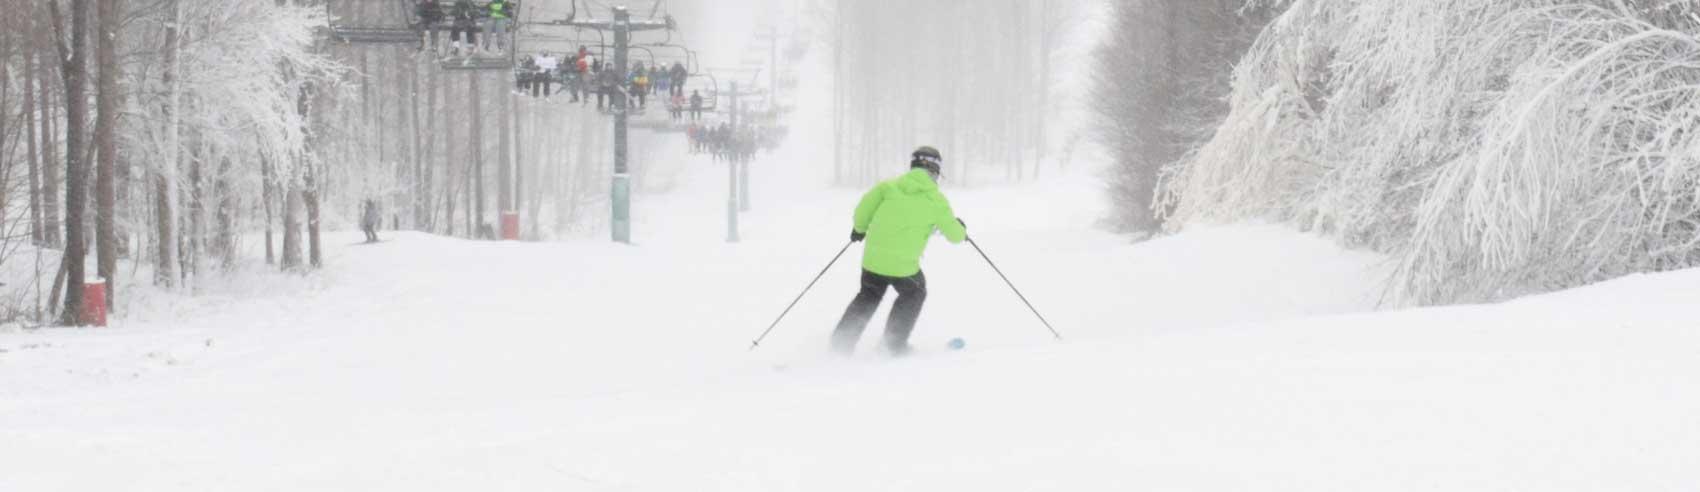 powder-skiing-along-the-lift